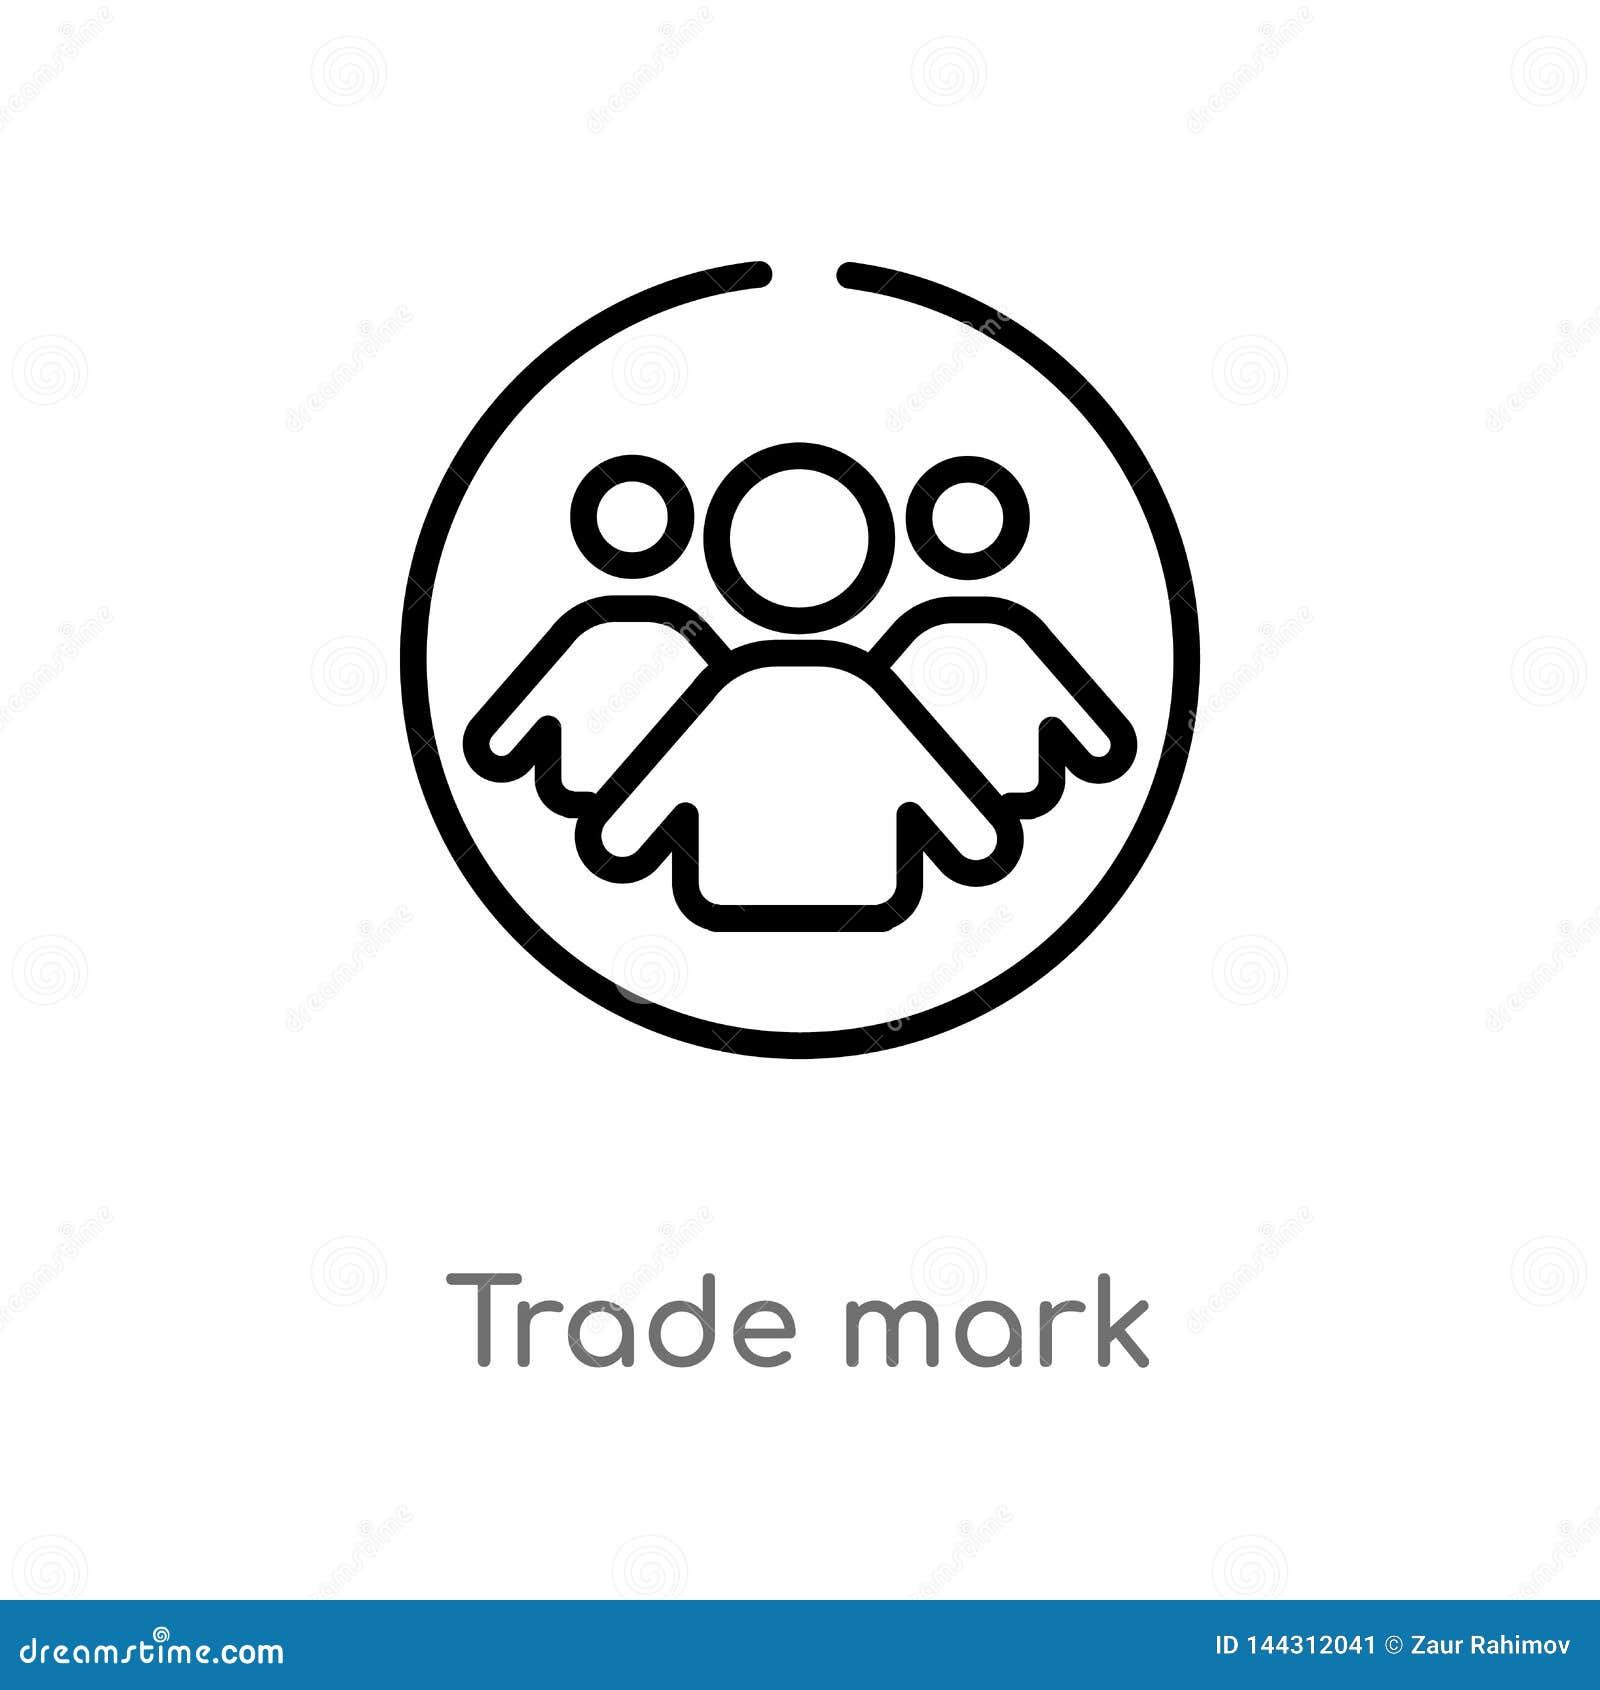 значок вектора торговой маркы плана изолированная черная простая линия иллюстрация элемента от концепции людей editable торговля